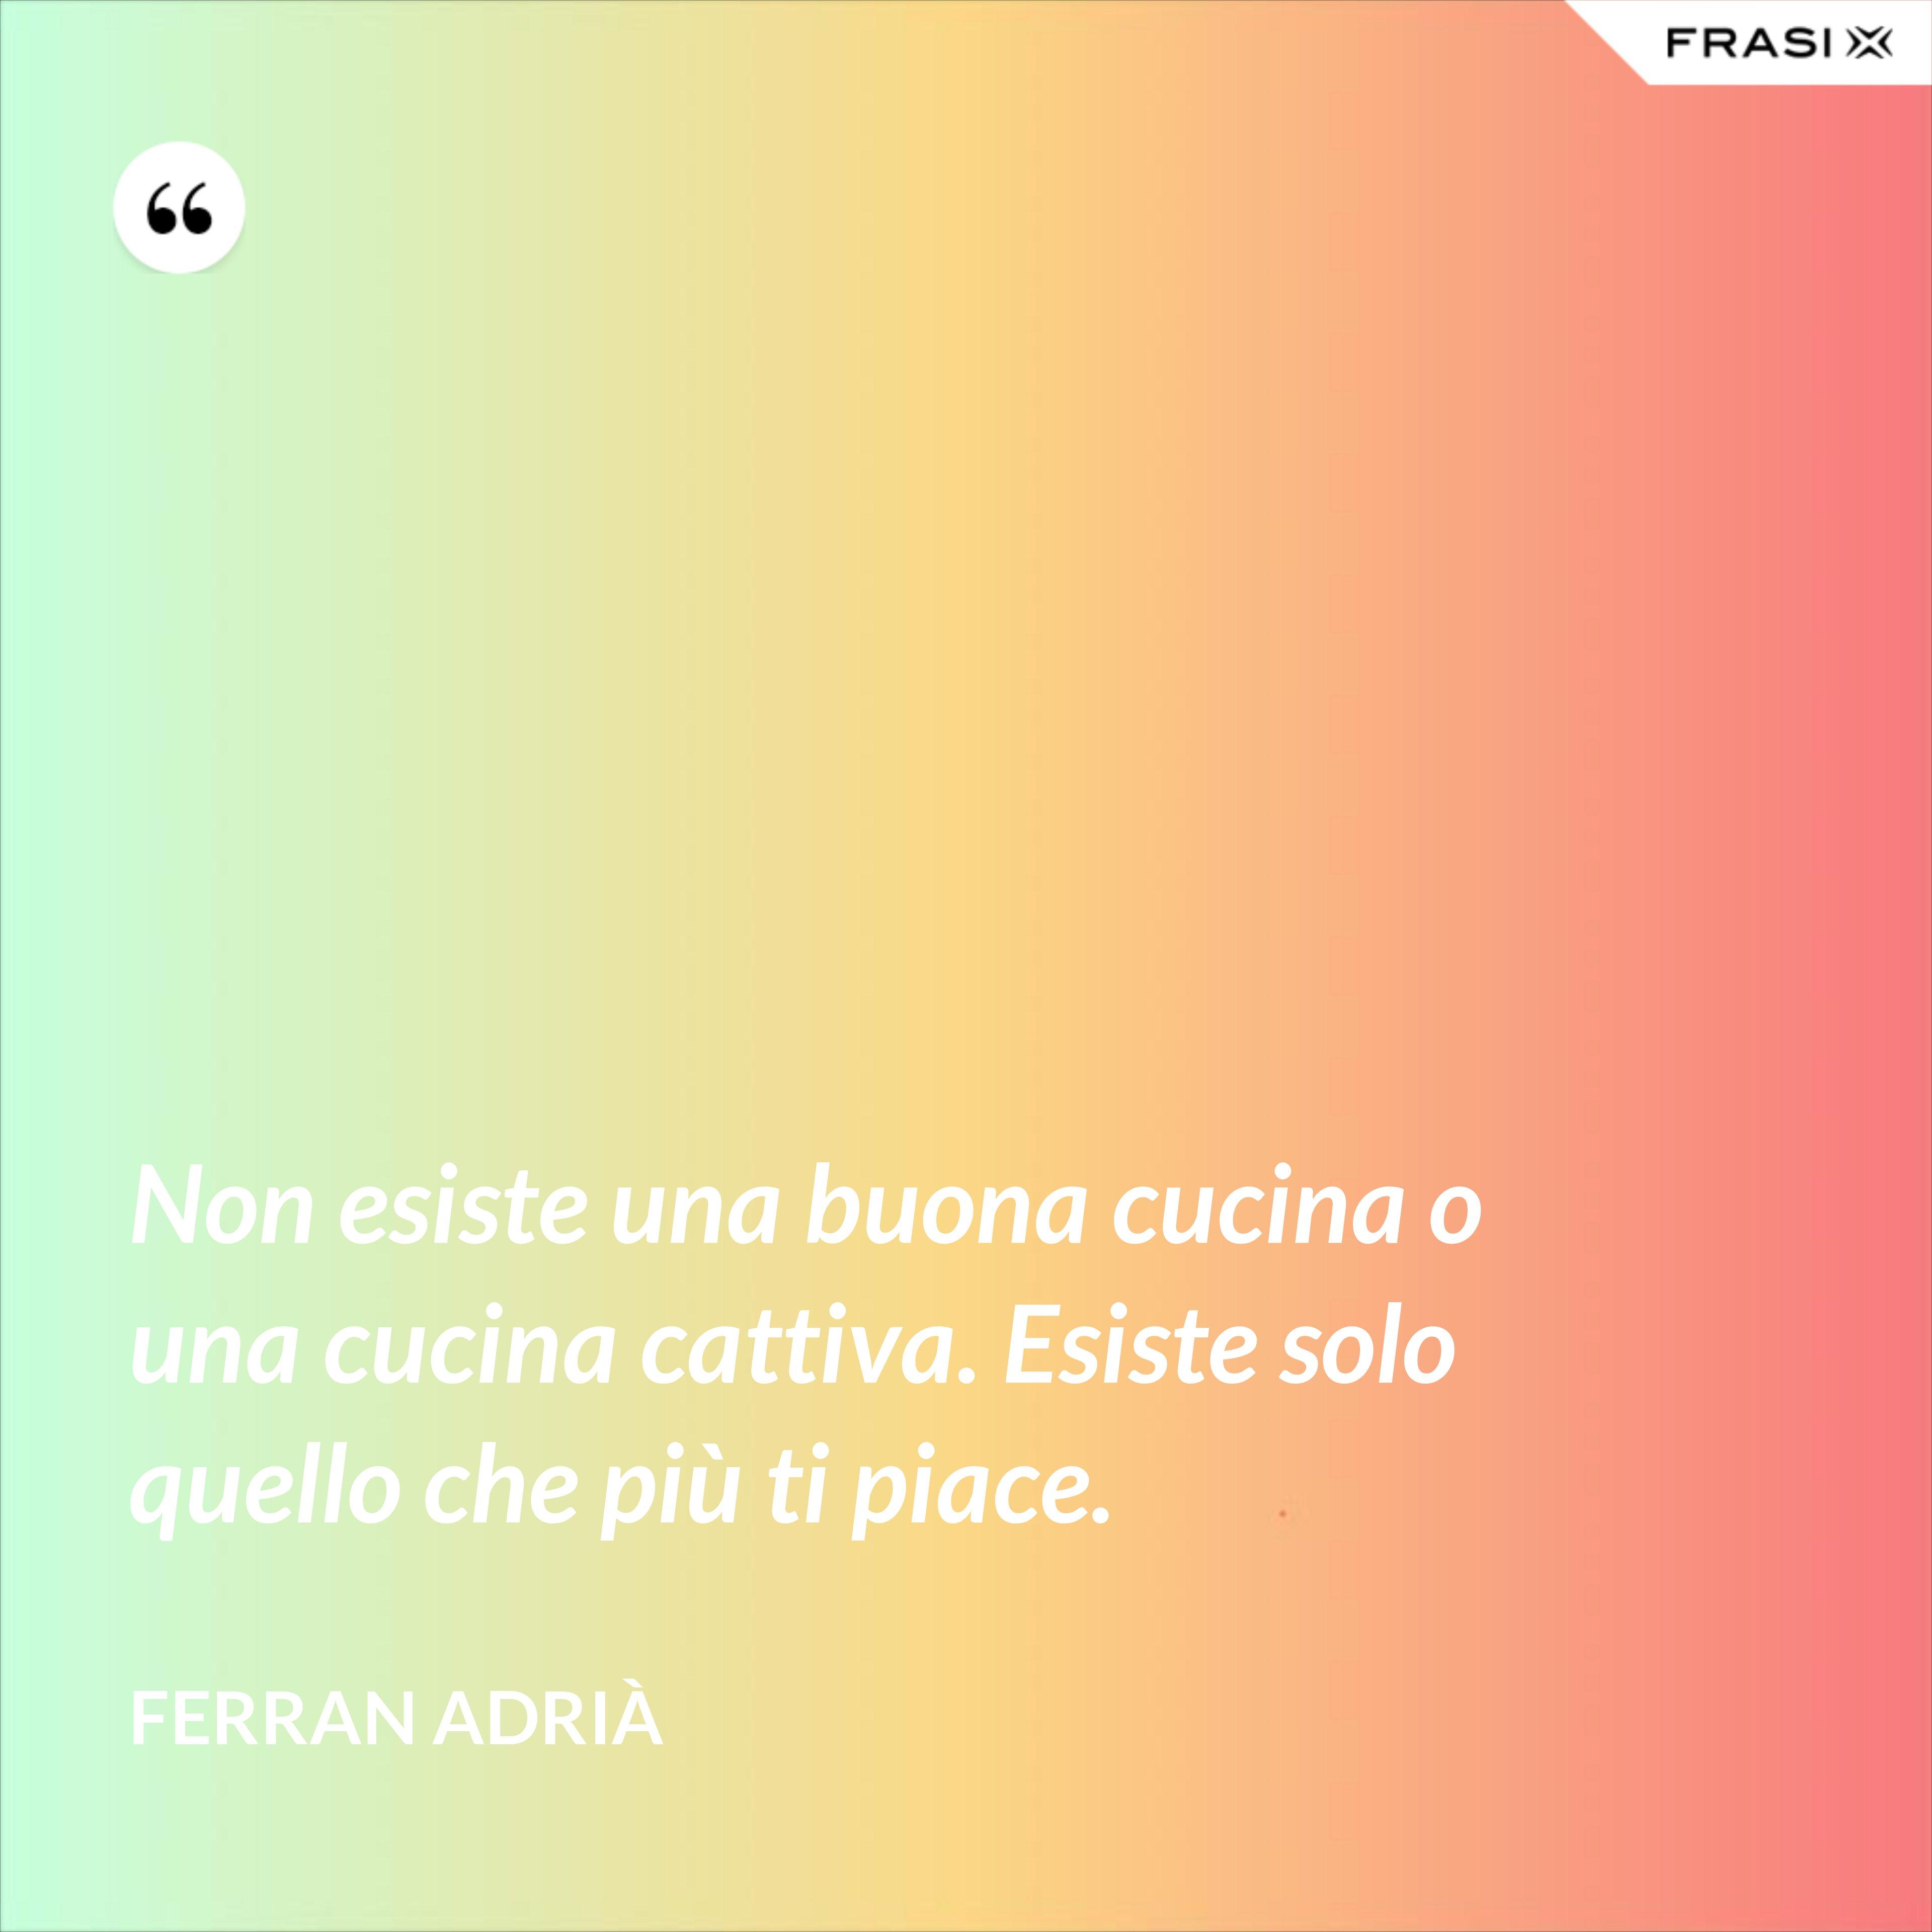 Non esiste una buona cucina o una cucina cattiva. Esiste solo quello che più ti piace. - Ferran Adrià